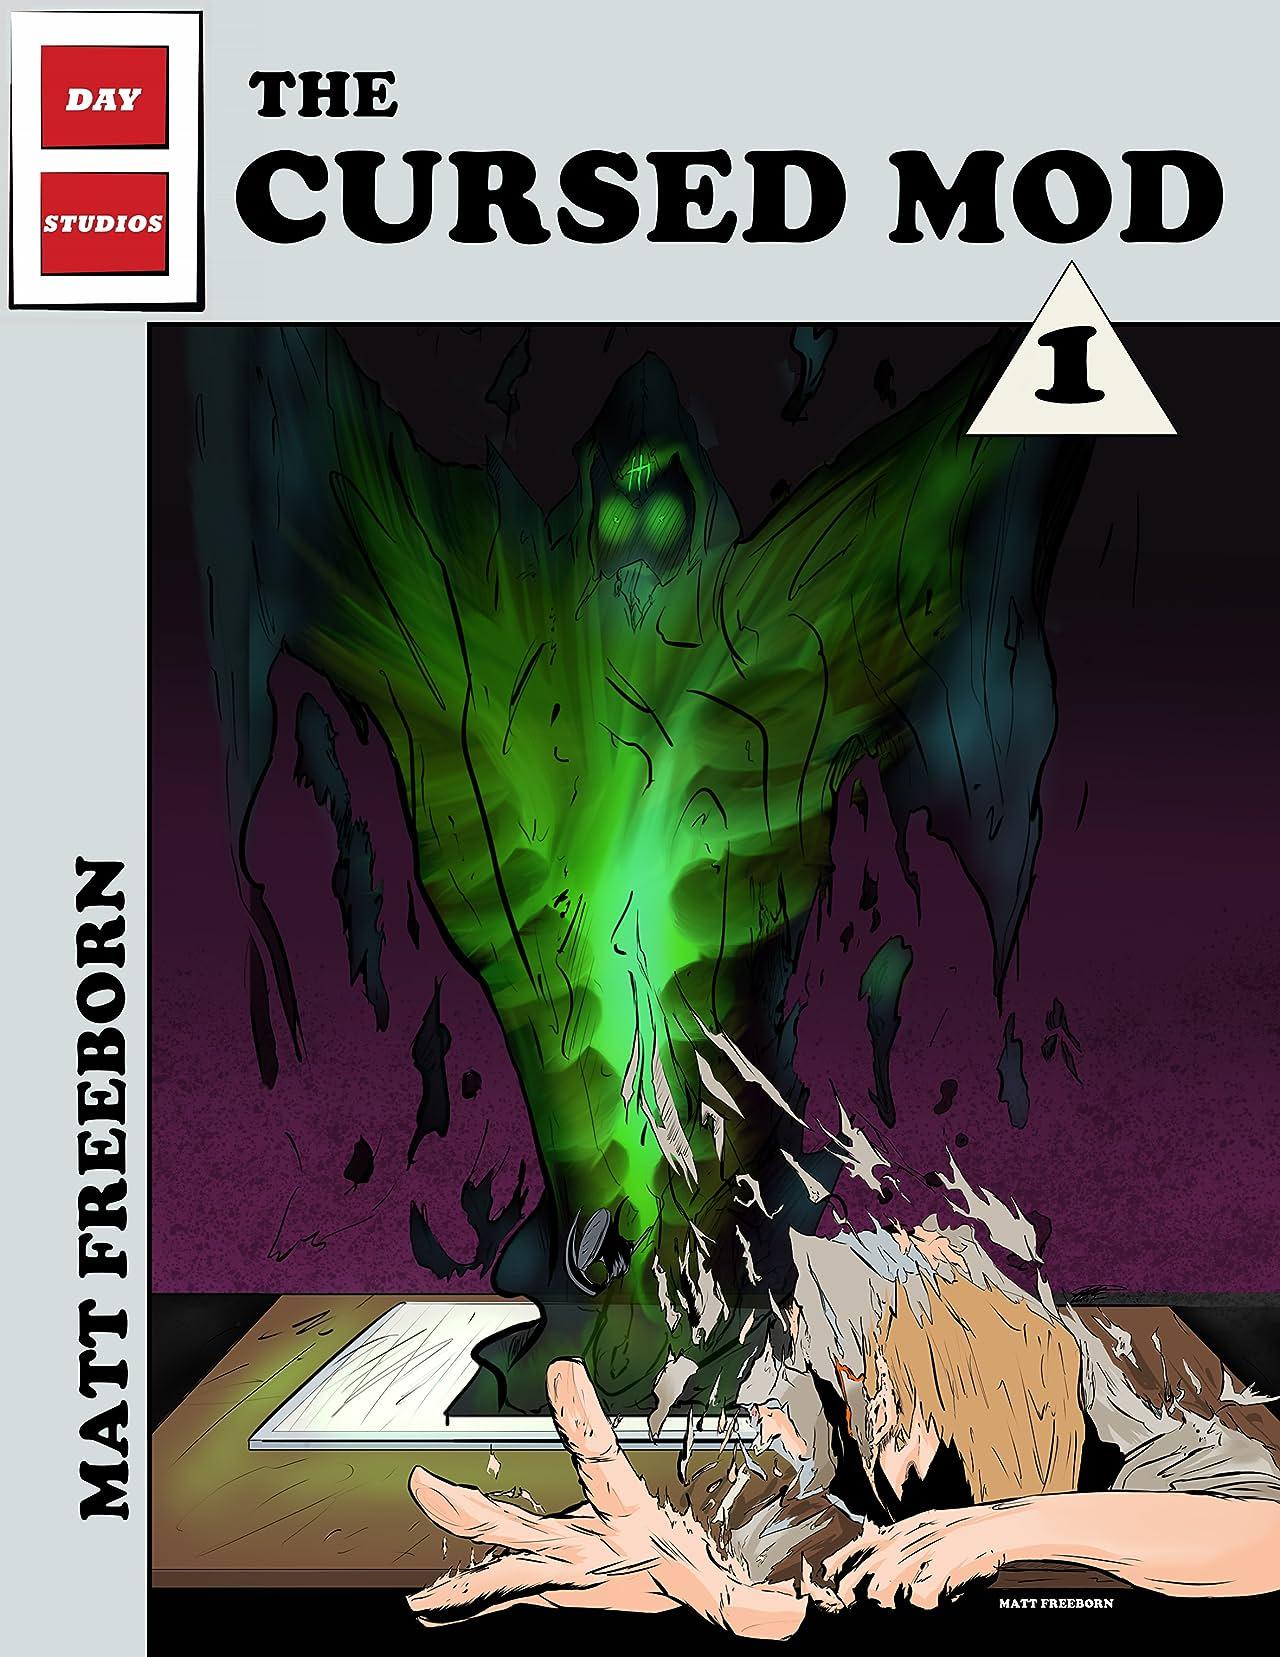 The Cursed Mod #1